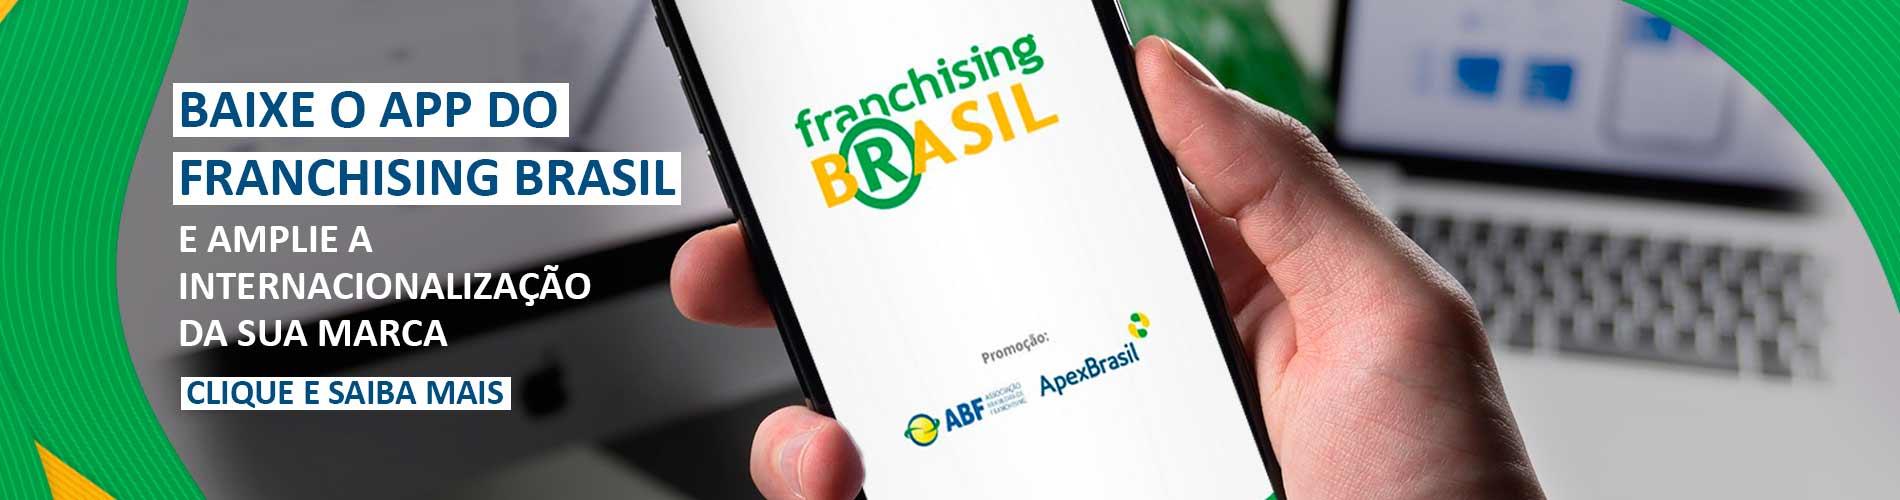 Franchising Brasil App